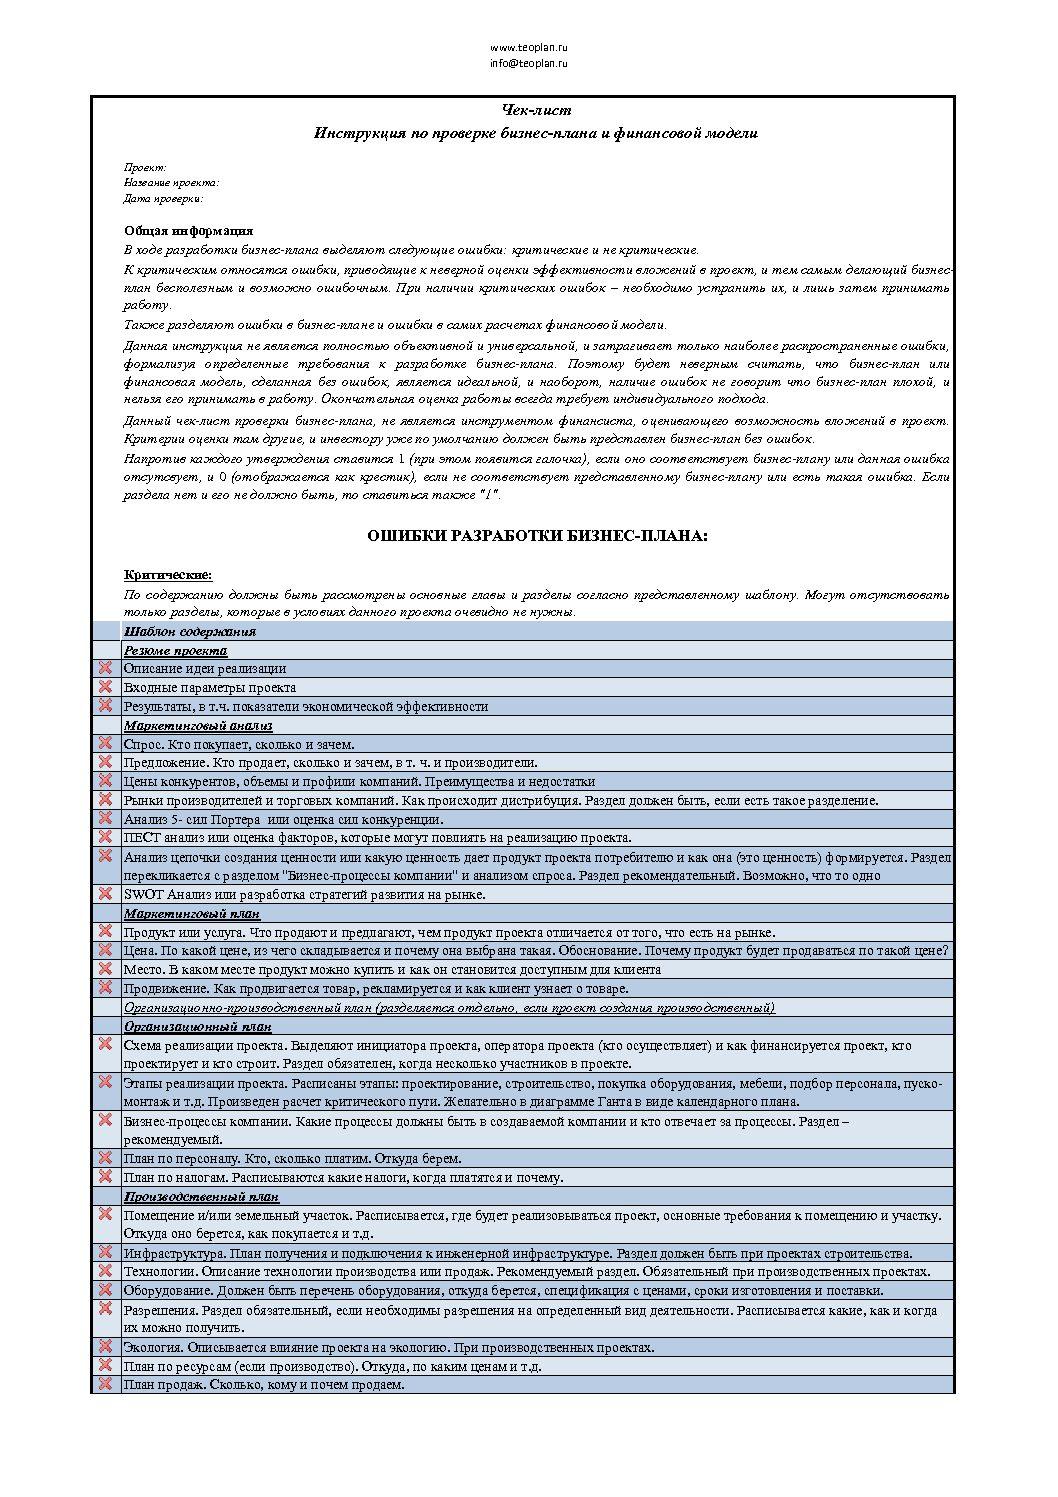 Чек-лист проверки БП и финмодели